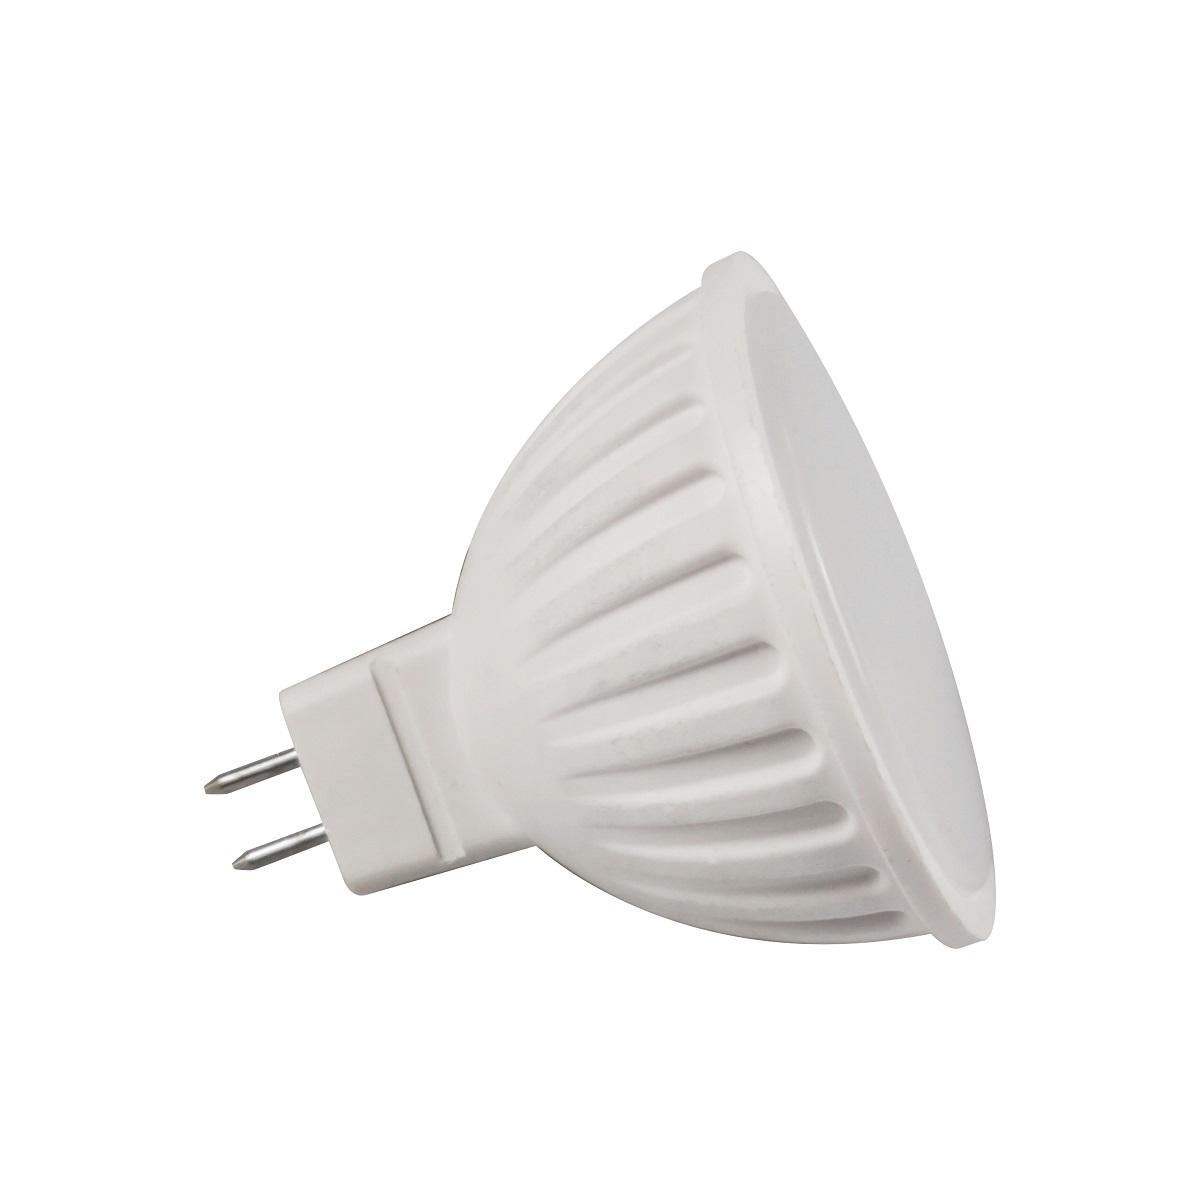 Лампа светодиодная Lieberg, теплый свет, цоколь GU5.3, 5WL0104010Светодиодная лампа (рефлектор) LIEBERG мощностью 5Вт - это инновационный и экологичный источник света, позволяющий сэкономить до 90% на электроэнергии. Лампа не пульсирует, ресурс составляет 40 000 часов работы. Угол свечения 120°. Эффективный драйвер обеспечивает стабильную работу при резких перепадах входного напряжения (175 -265В). Область применения: общее, локальное и аварийное освещение.